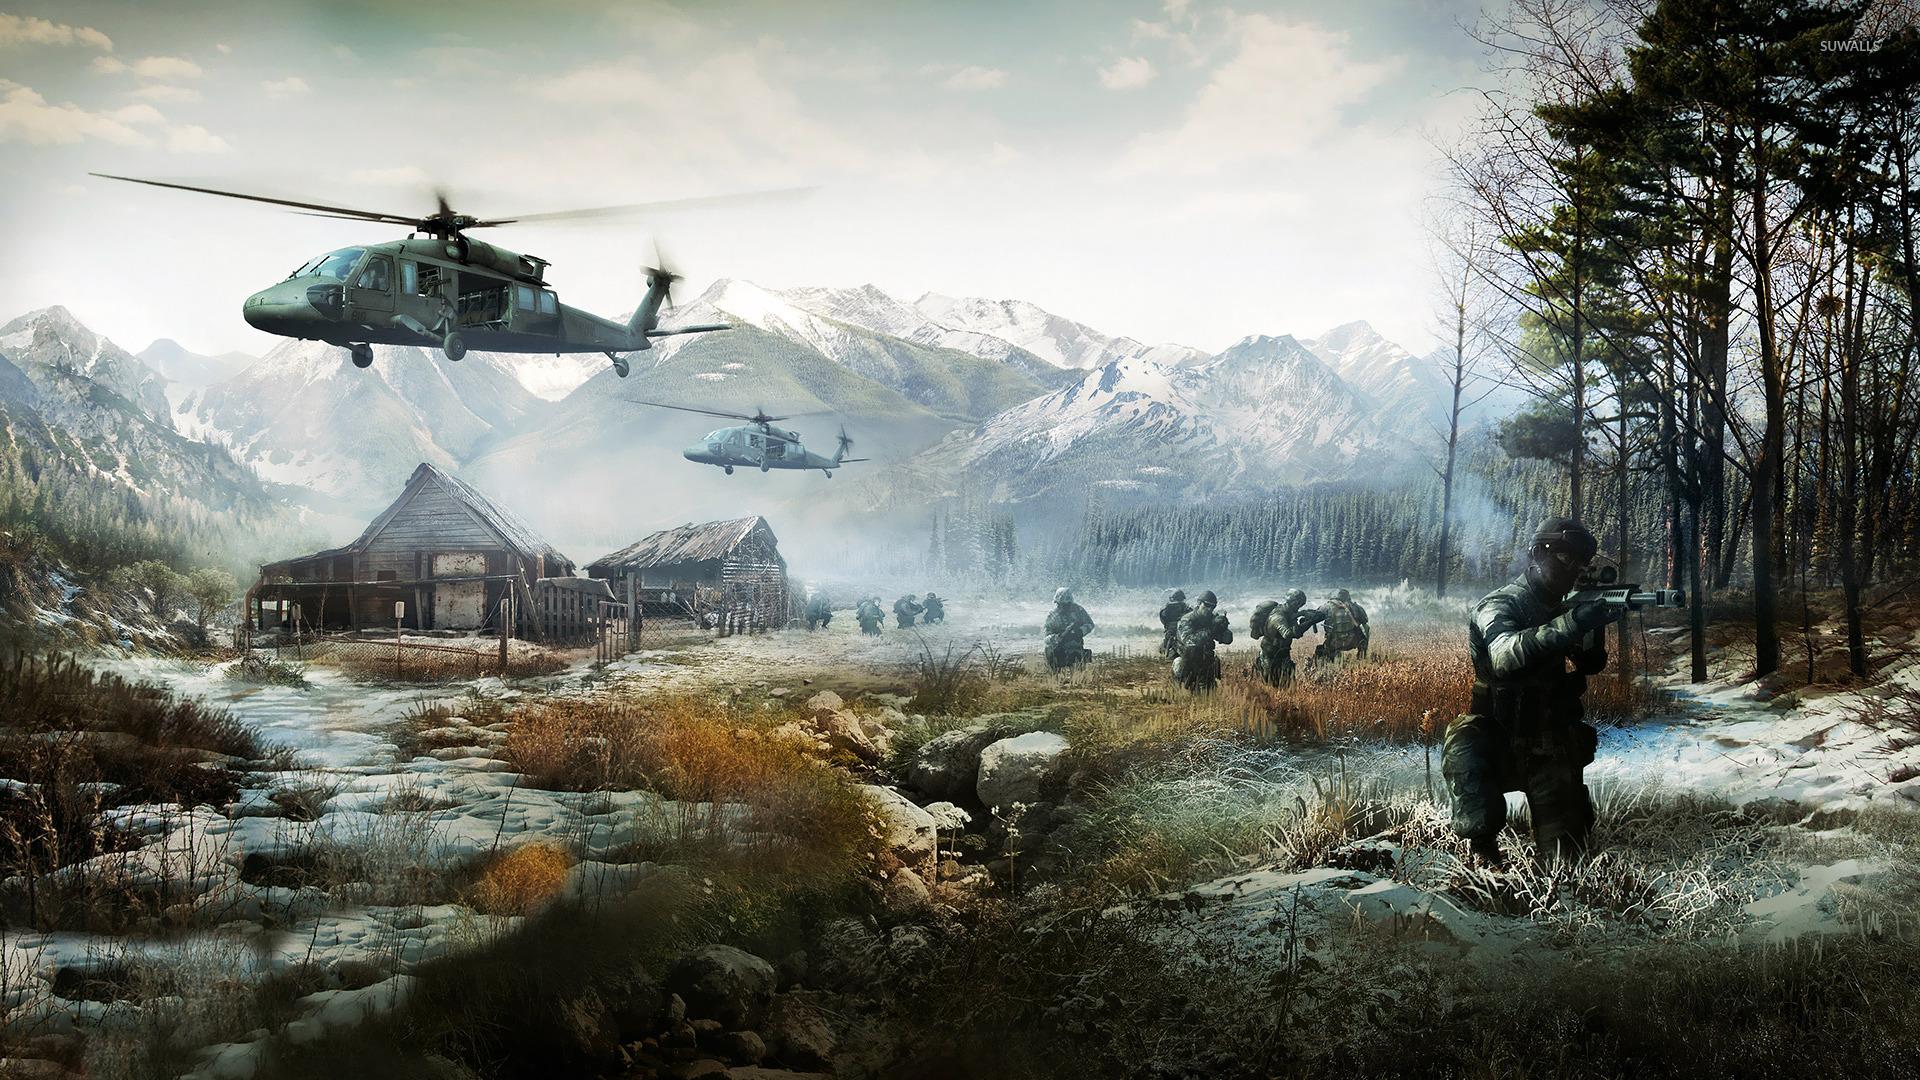 1920x1080 HD Wallpapers Battlefield 4